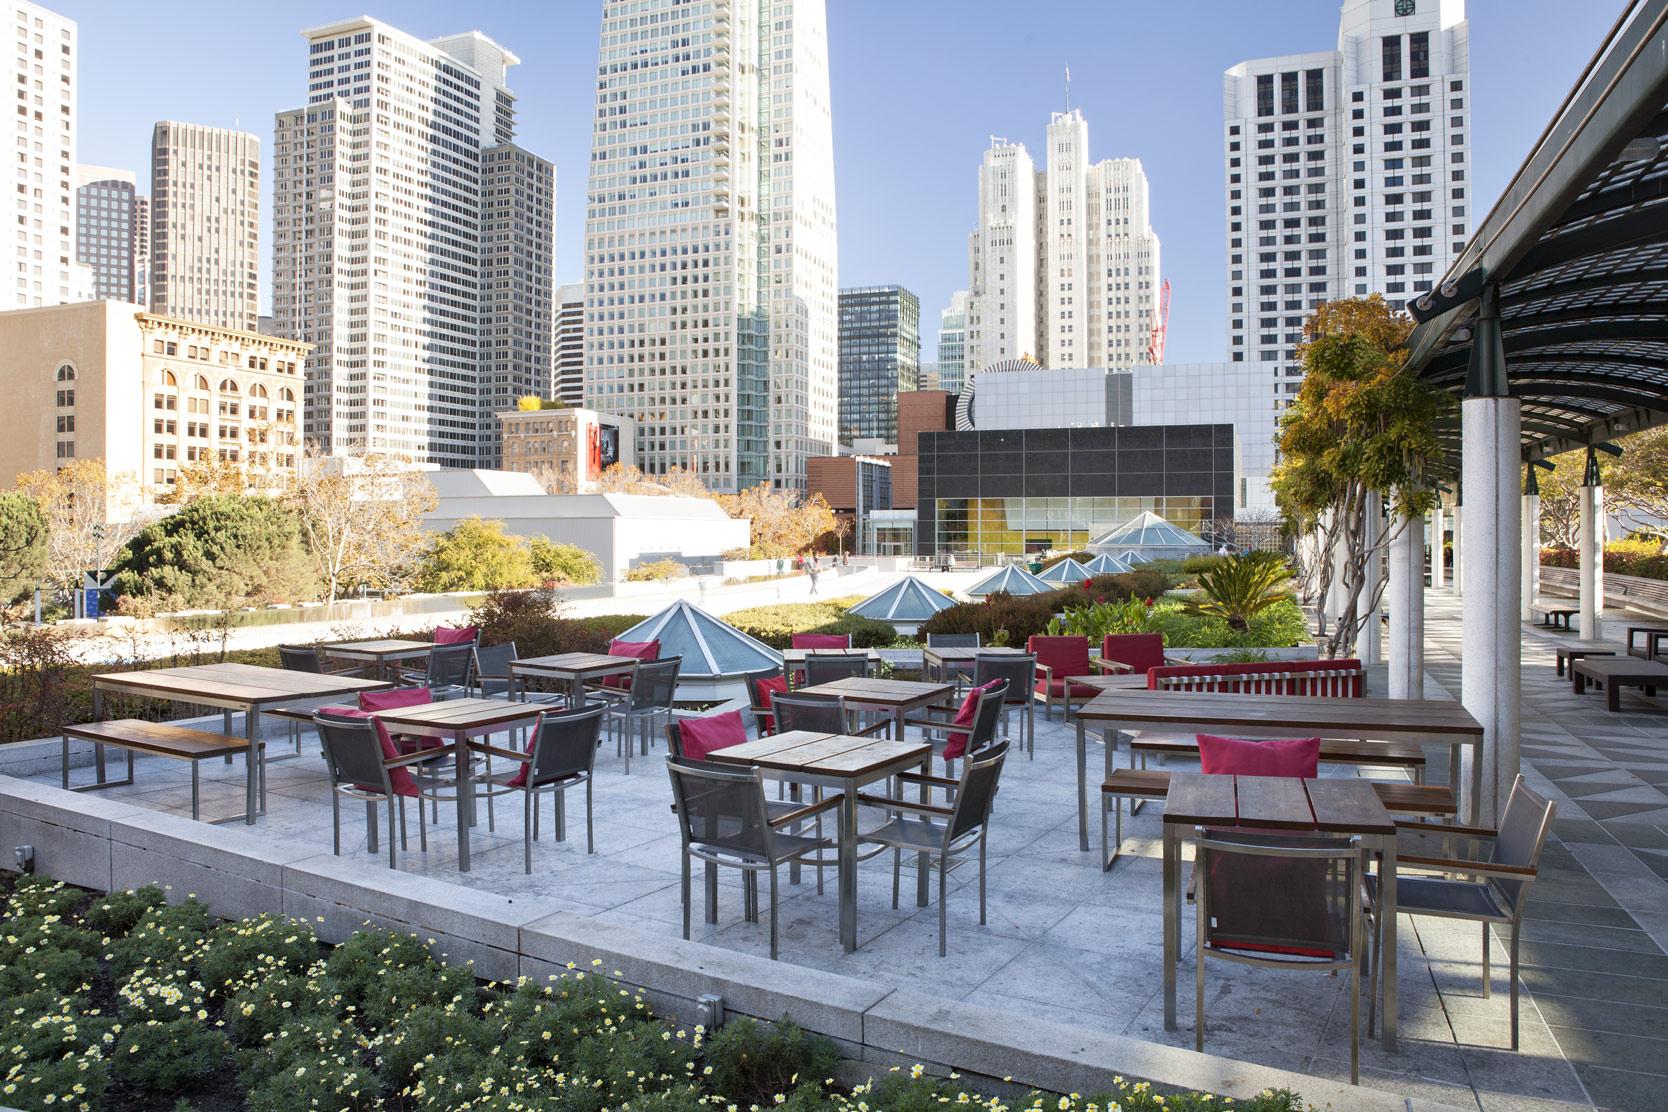 Samovar tea loungeyerba buena gardens samovar tea lounge - Yerba buena gardens san francisco ...